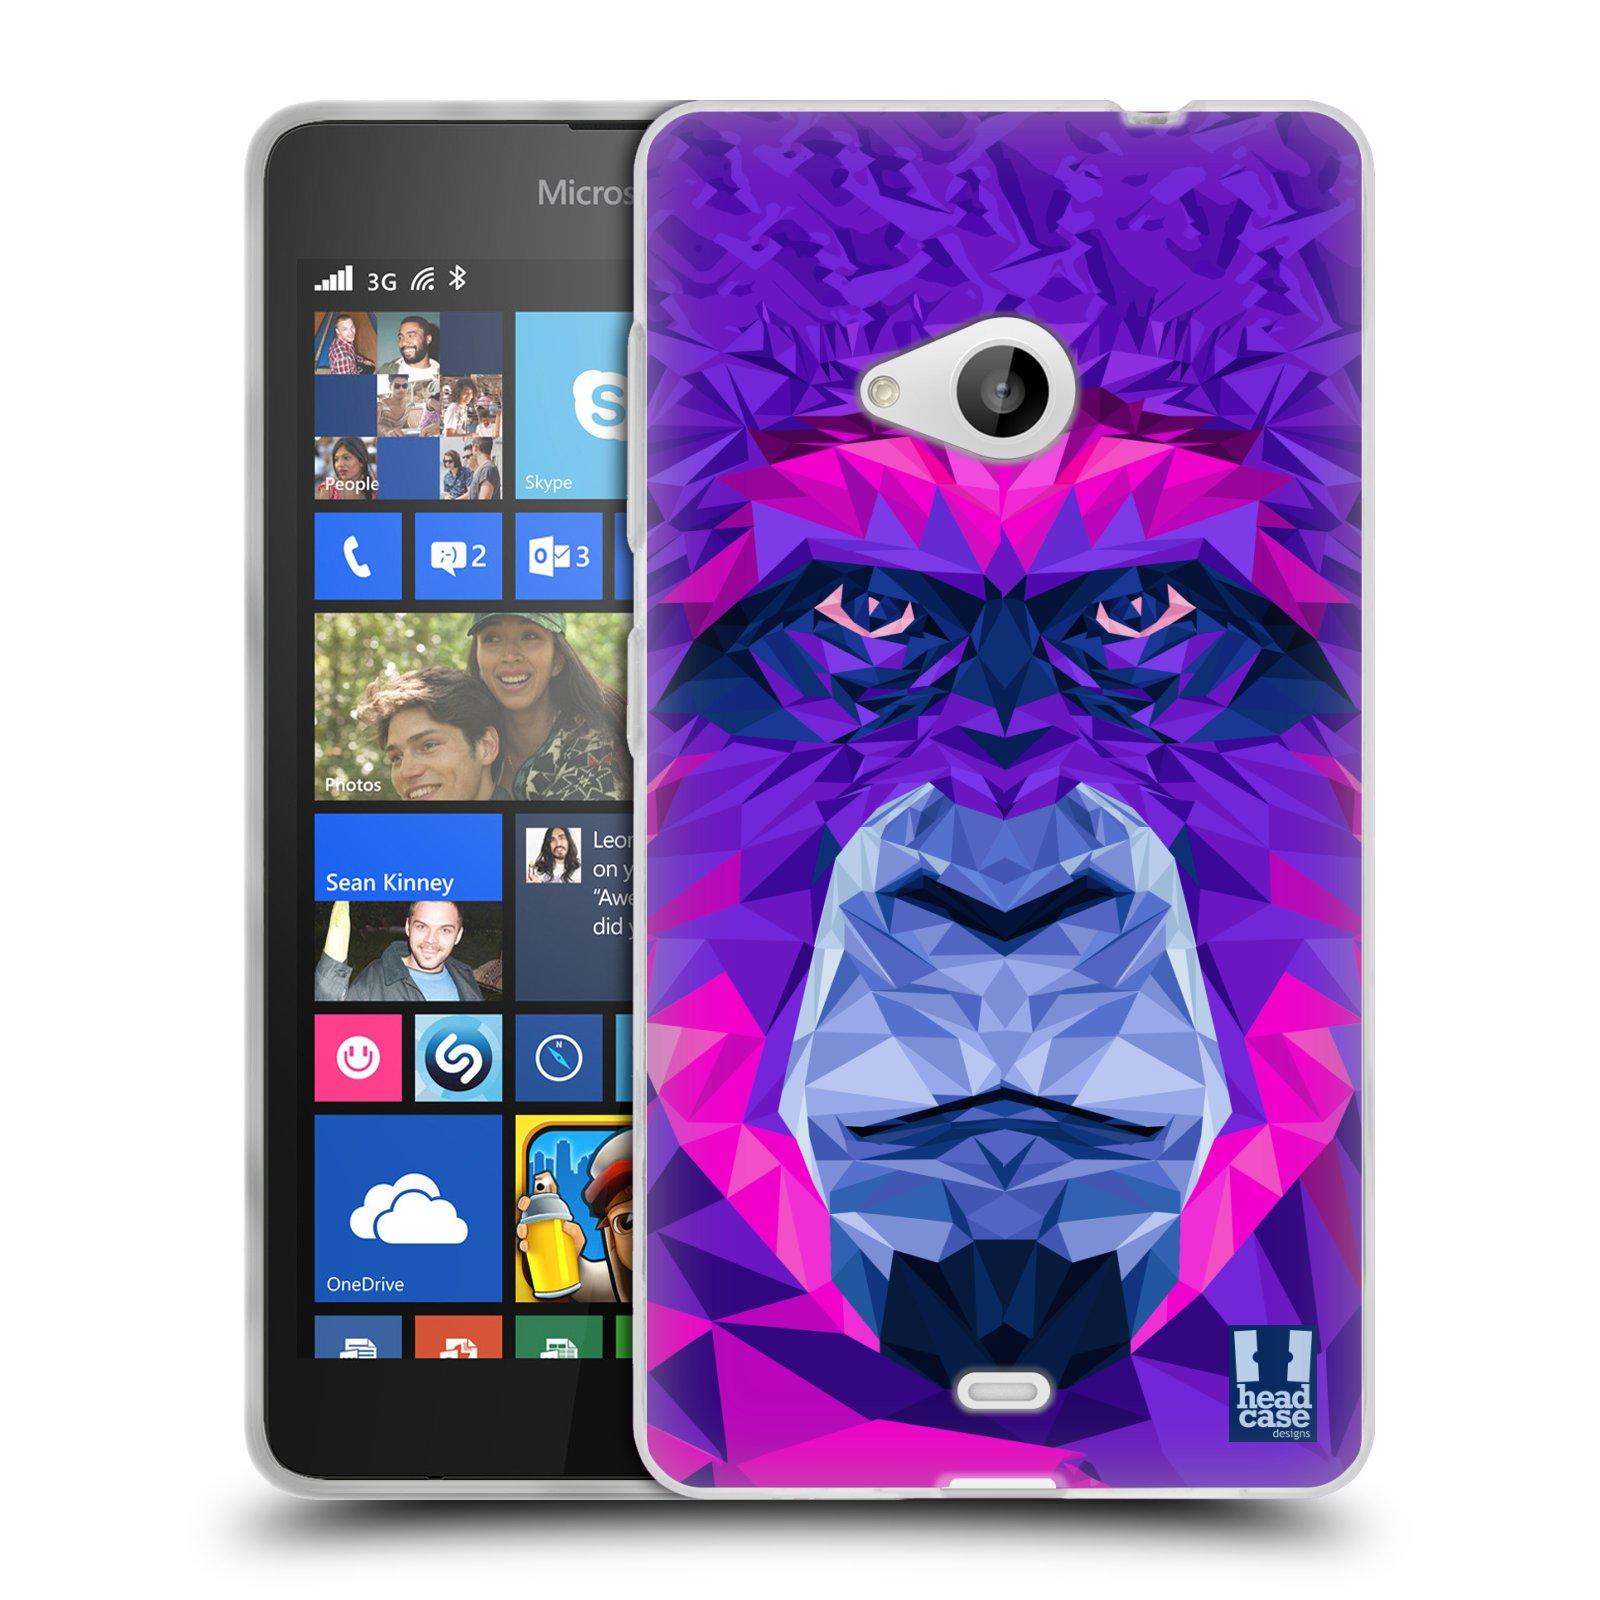 HEAD CASE silikonový obal na mobil Microsoft Lumia 535 / Lumia 535 DUAL vzor Geometrická zvířata 2 Orangutan